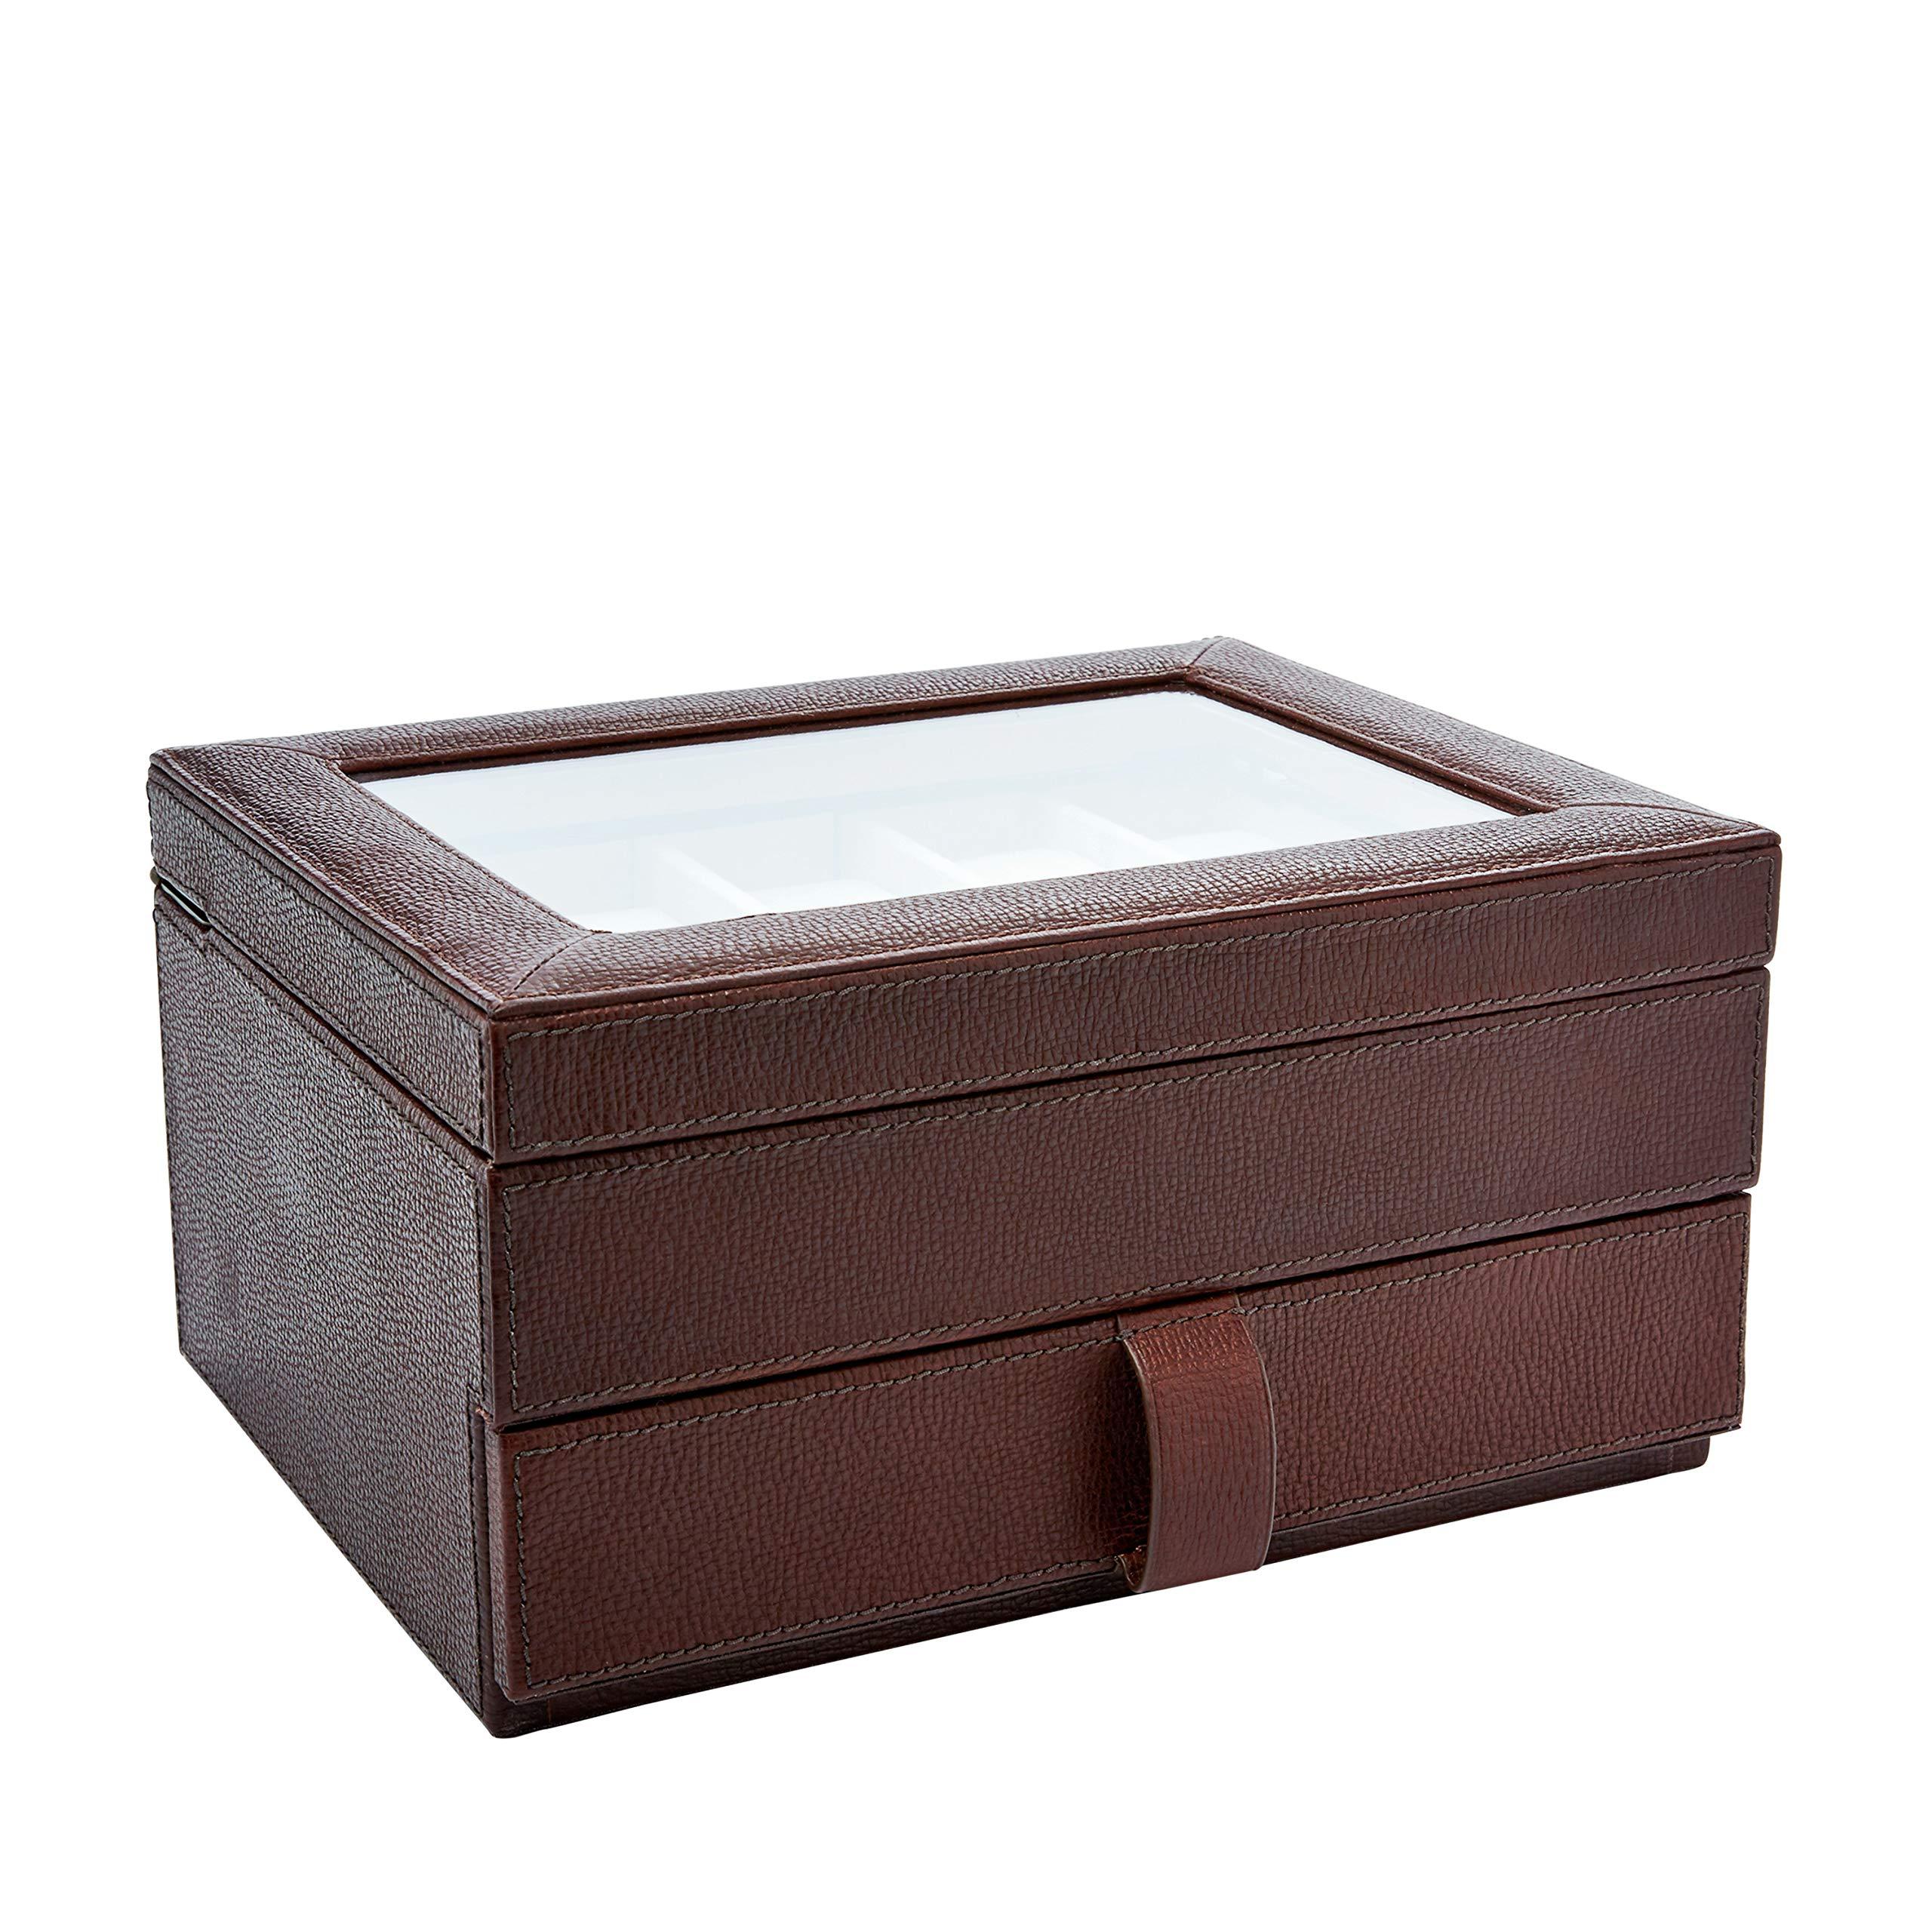 Fossil Men's Ten-Piece Watch Box Dark Brown, 10.6'' L x 8.4'' W x 5.4'' H